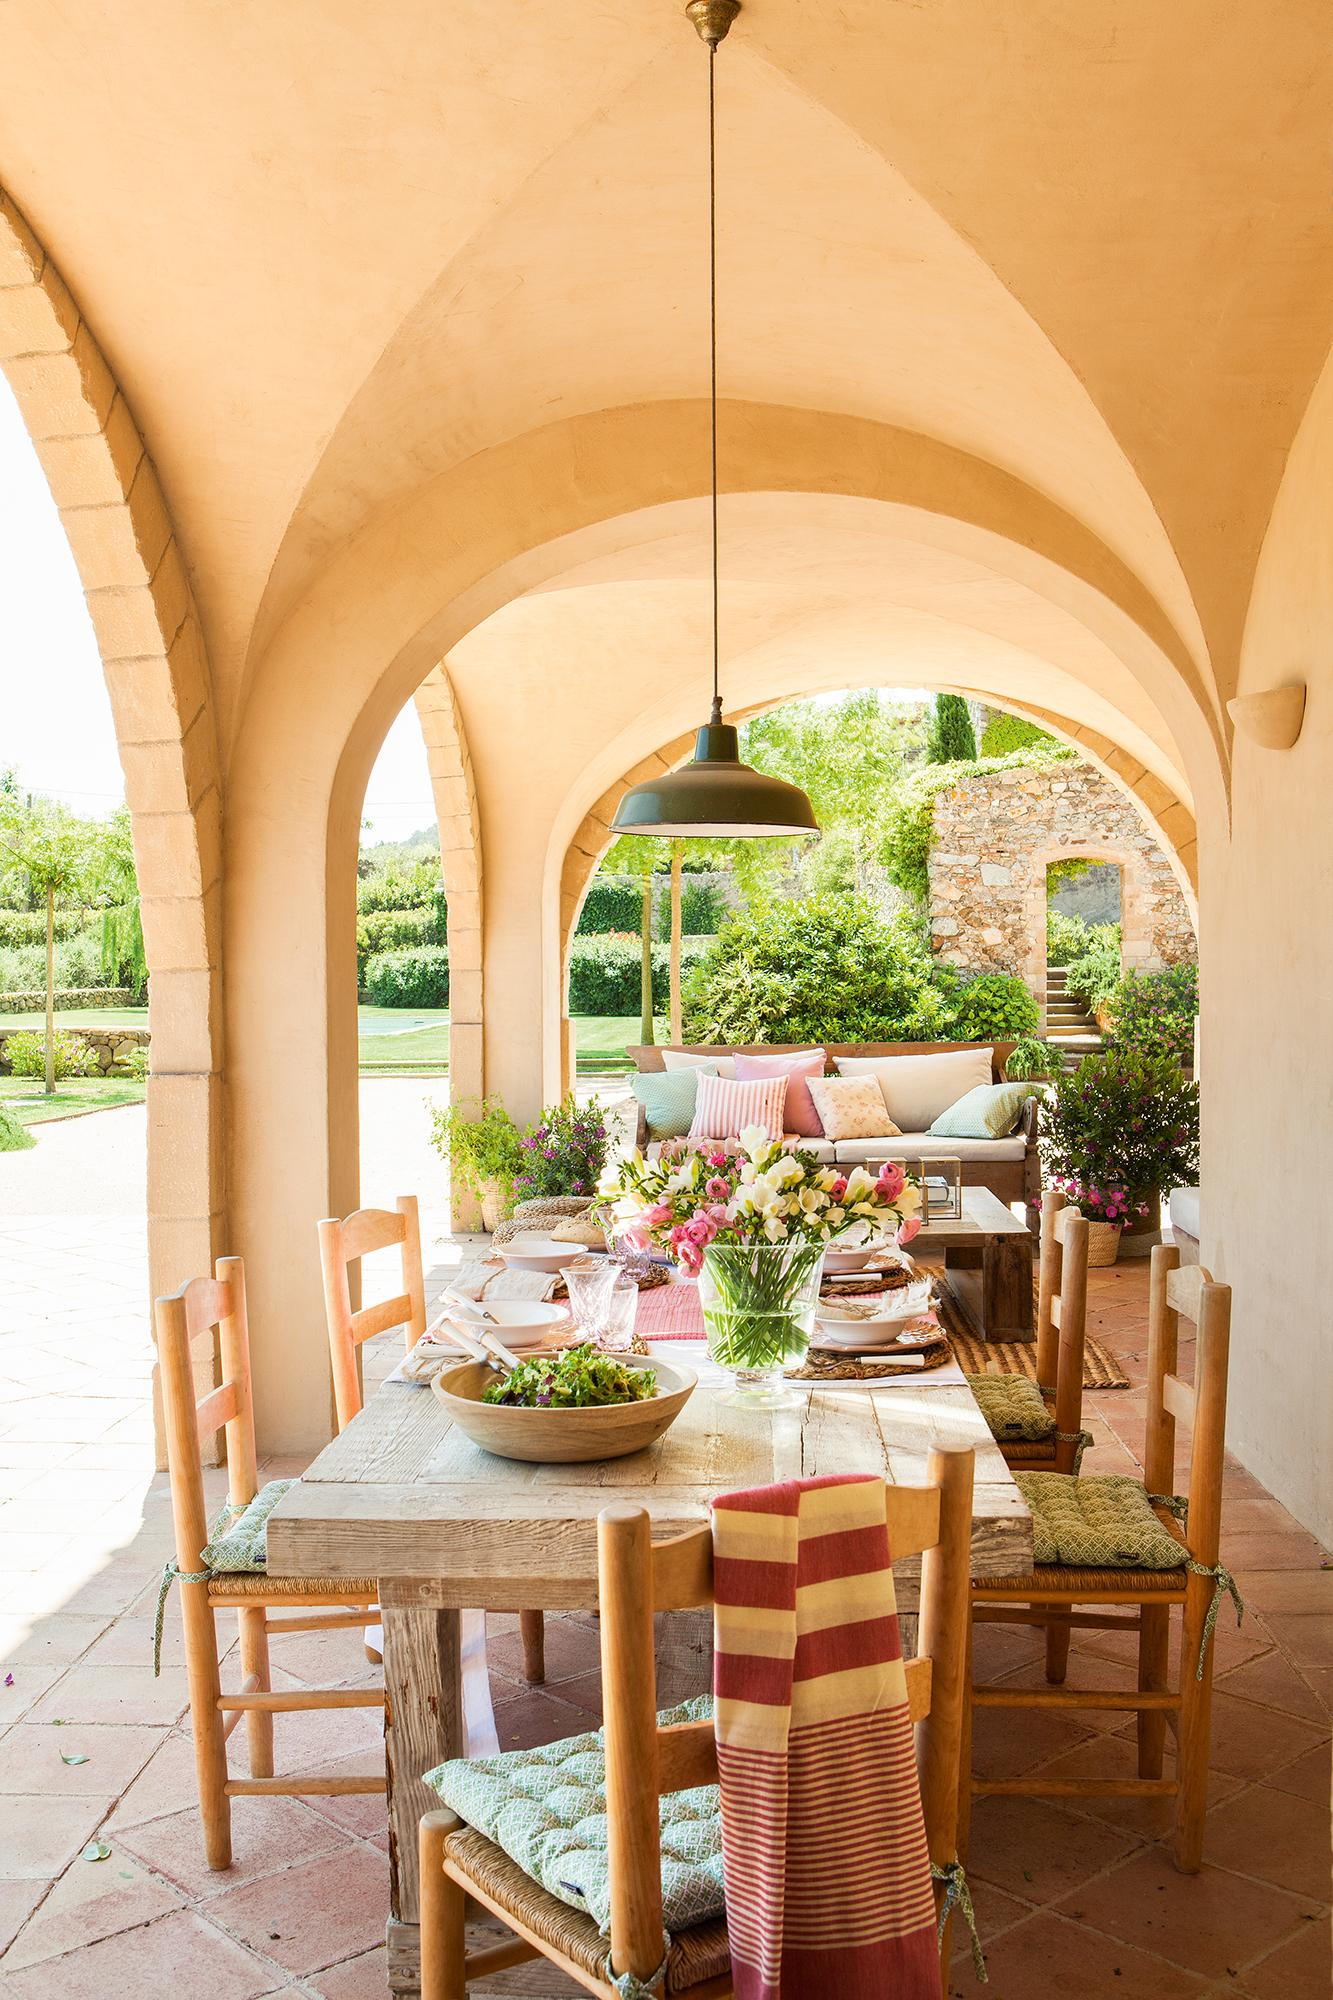 Comedores De Exterior Los 50 Mejores De El Mueble # Muebles Relax Exterior